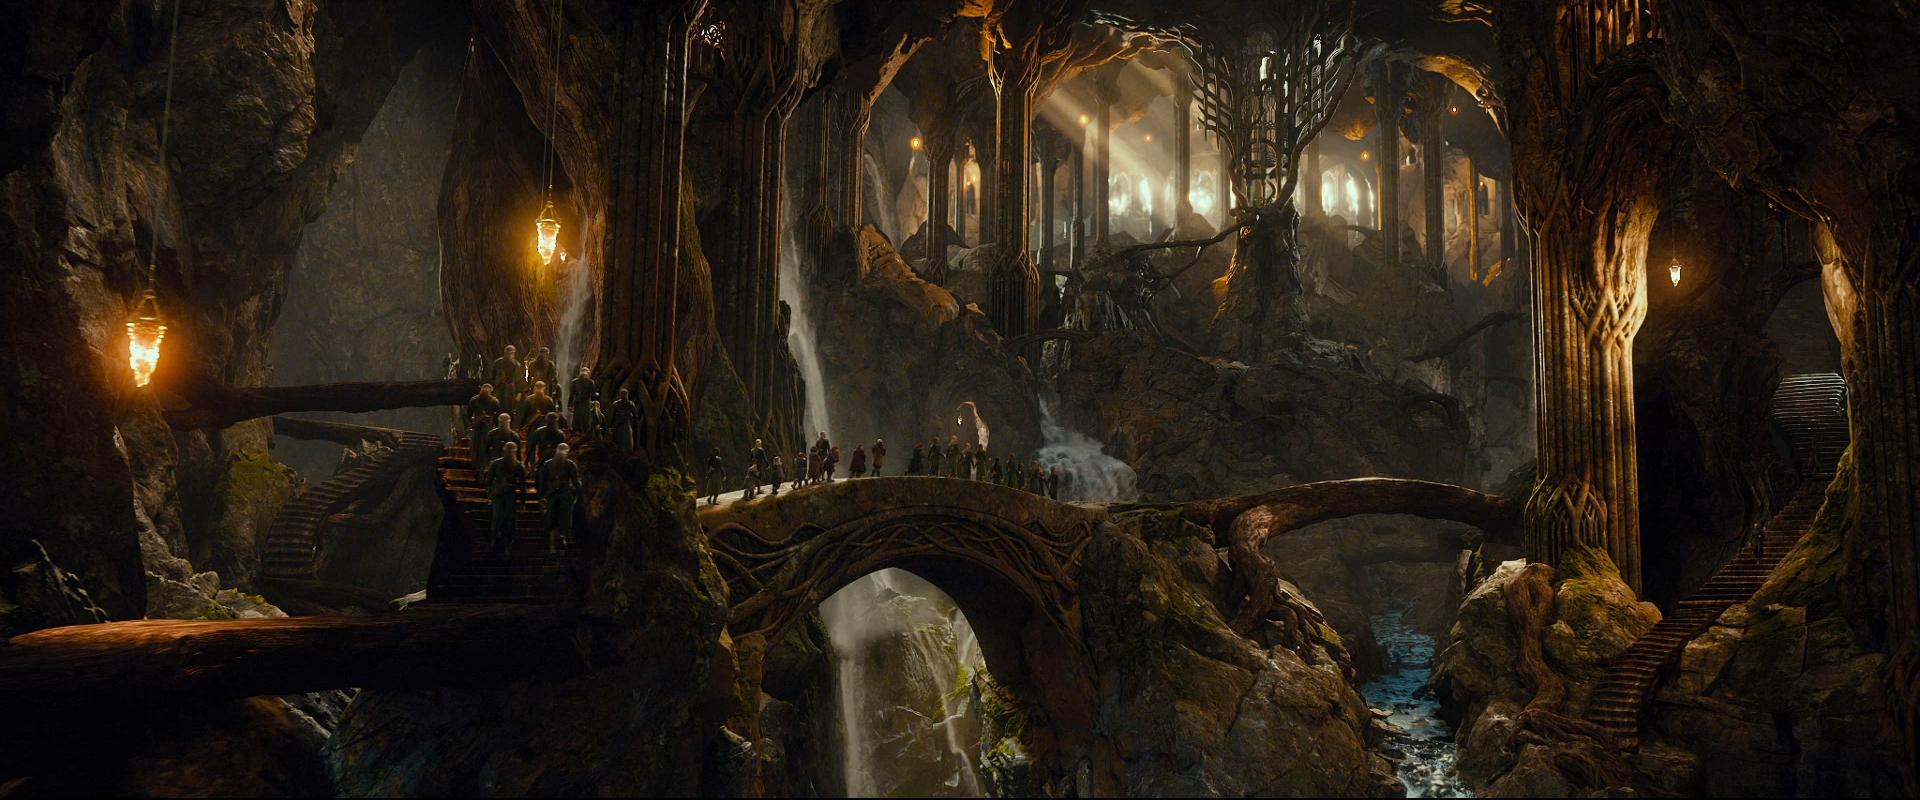 Elvenking's Halls